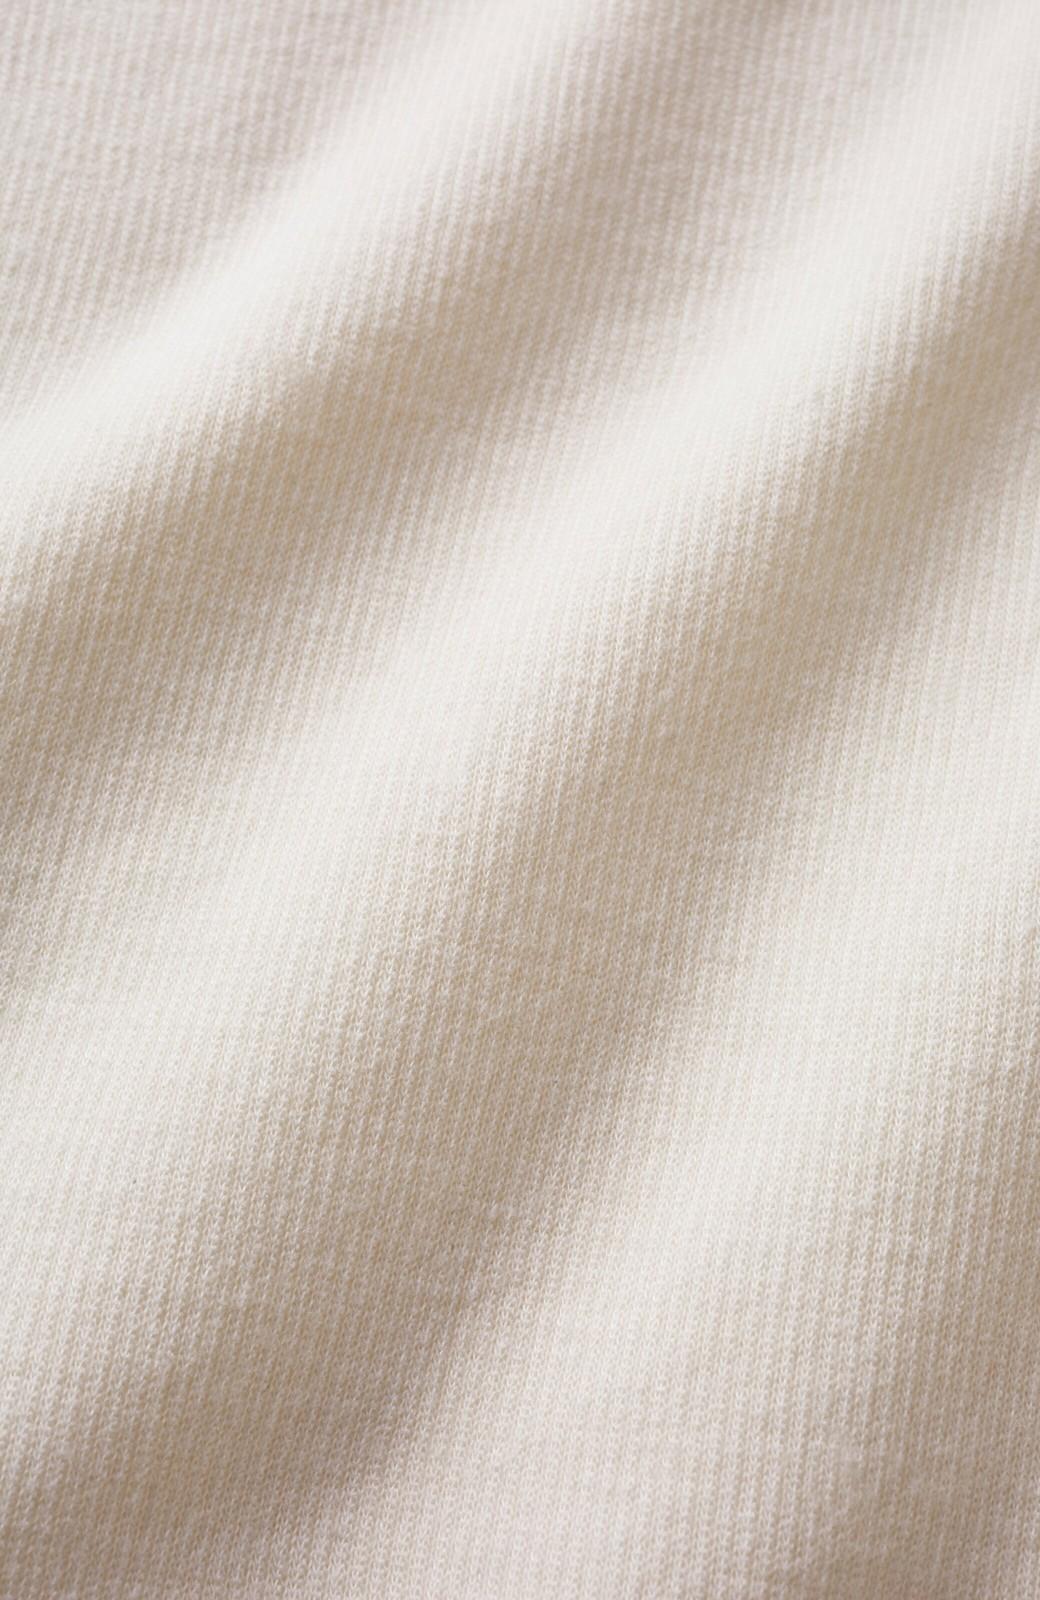 haco! 【洗濯機洗い可】動きやすいうえにかわいげ増しちゃう 甘辛バランスの調整にお役立ちカットソースカート <アイボリー>の商品写真12